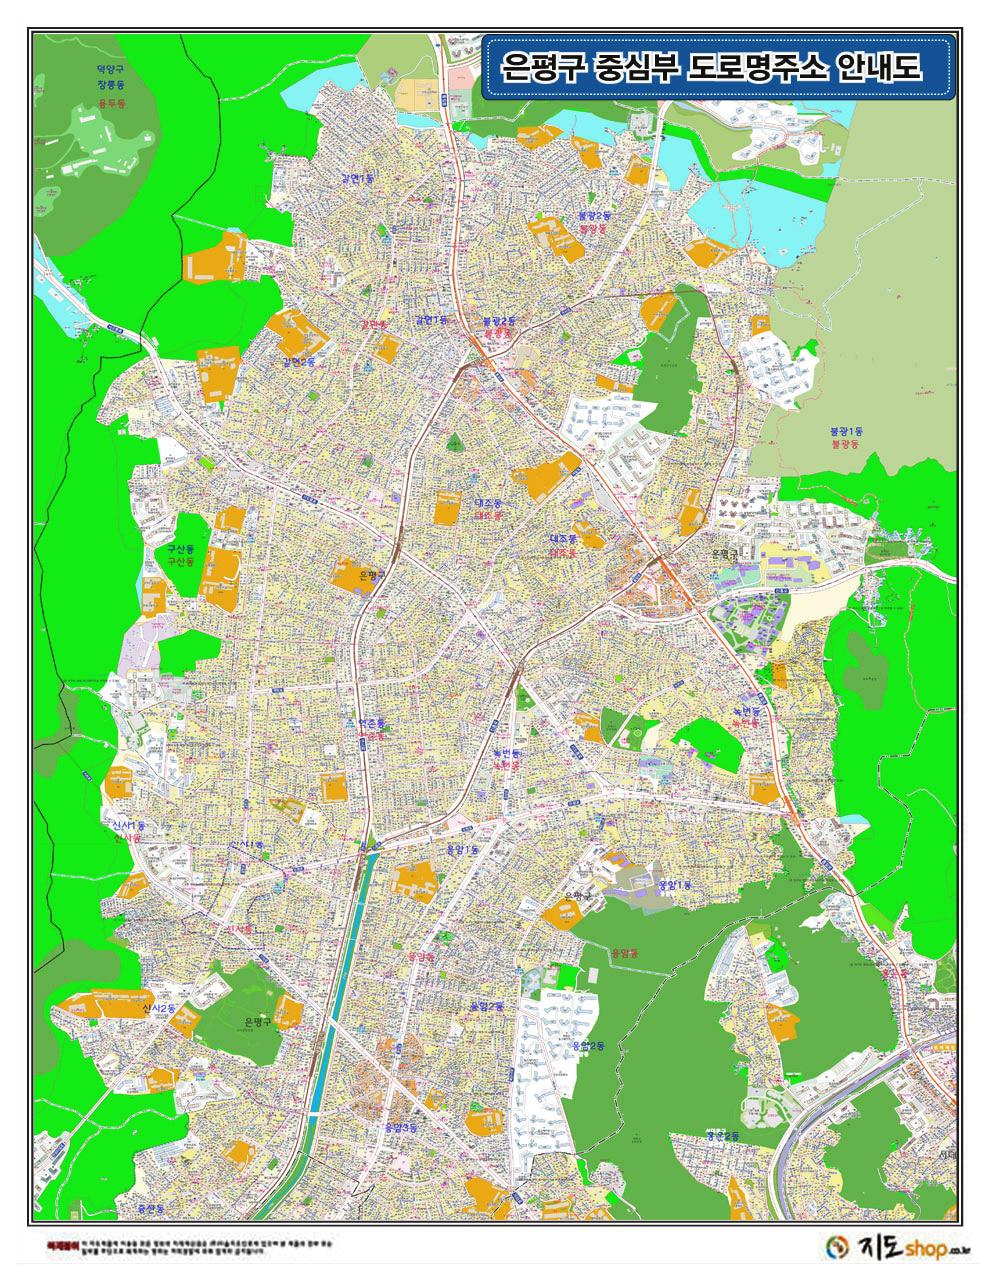 서울시 은평구 중심부 도로명주소 지도